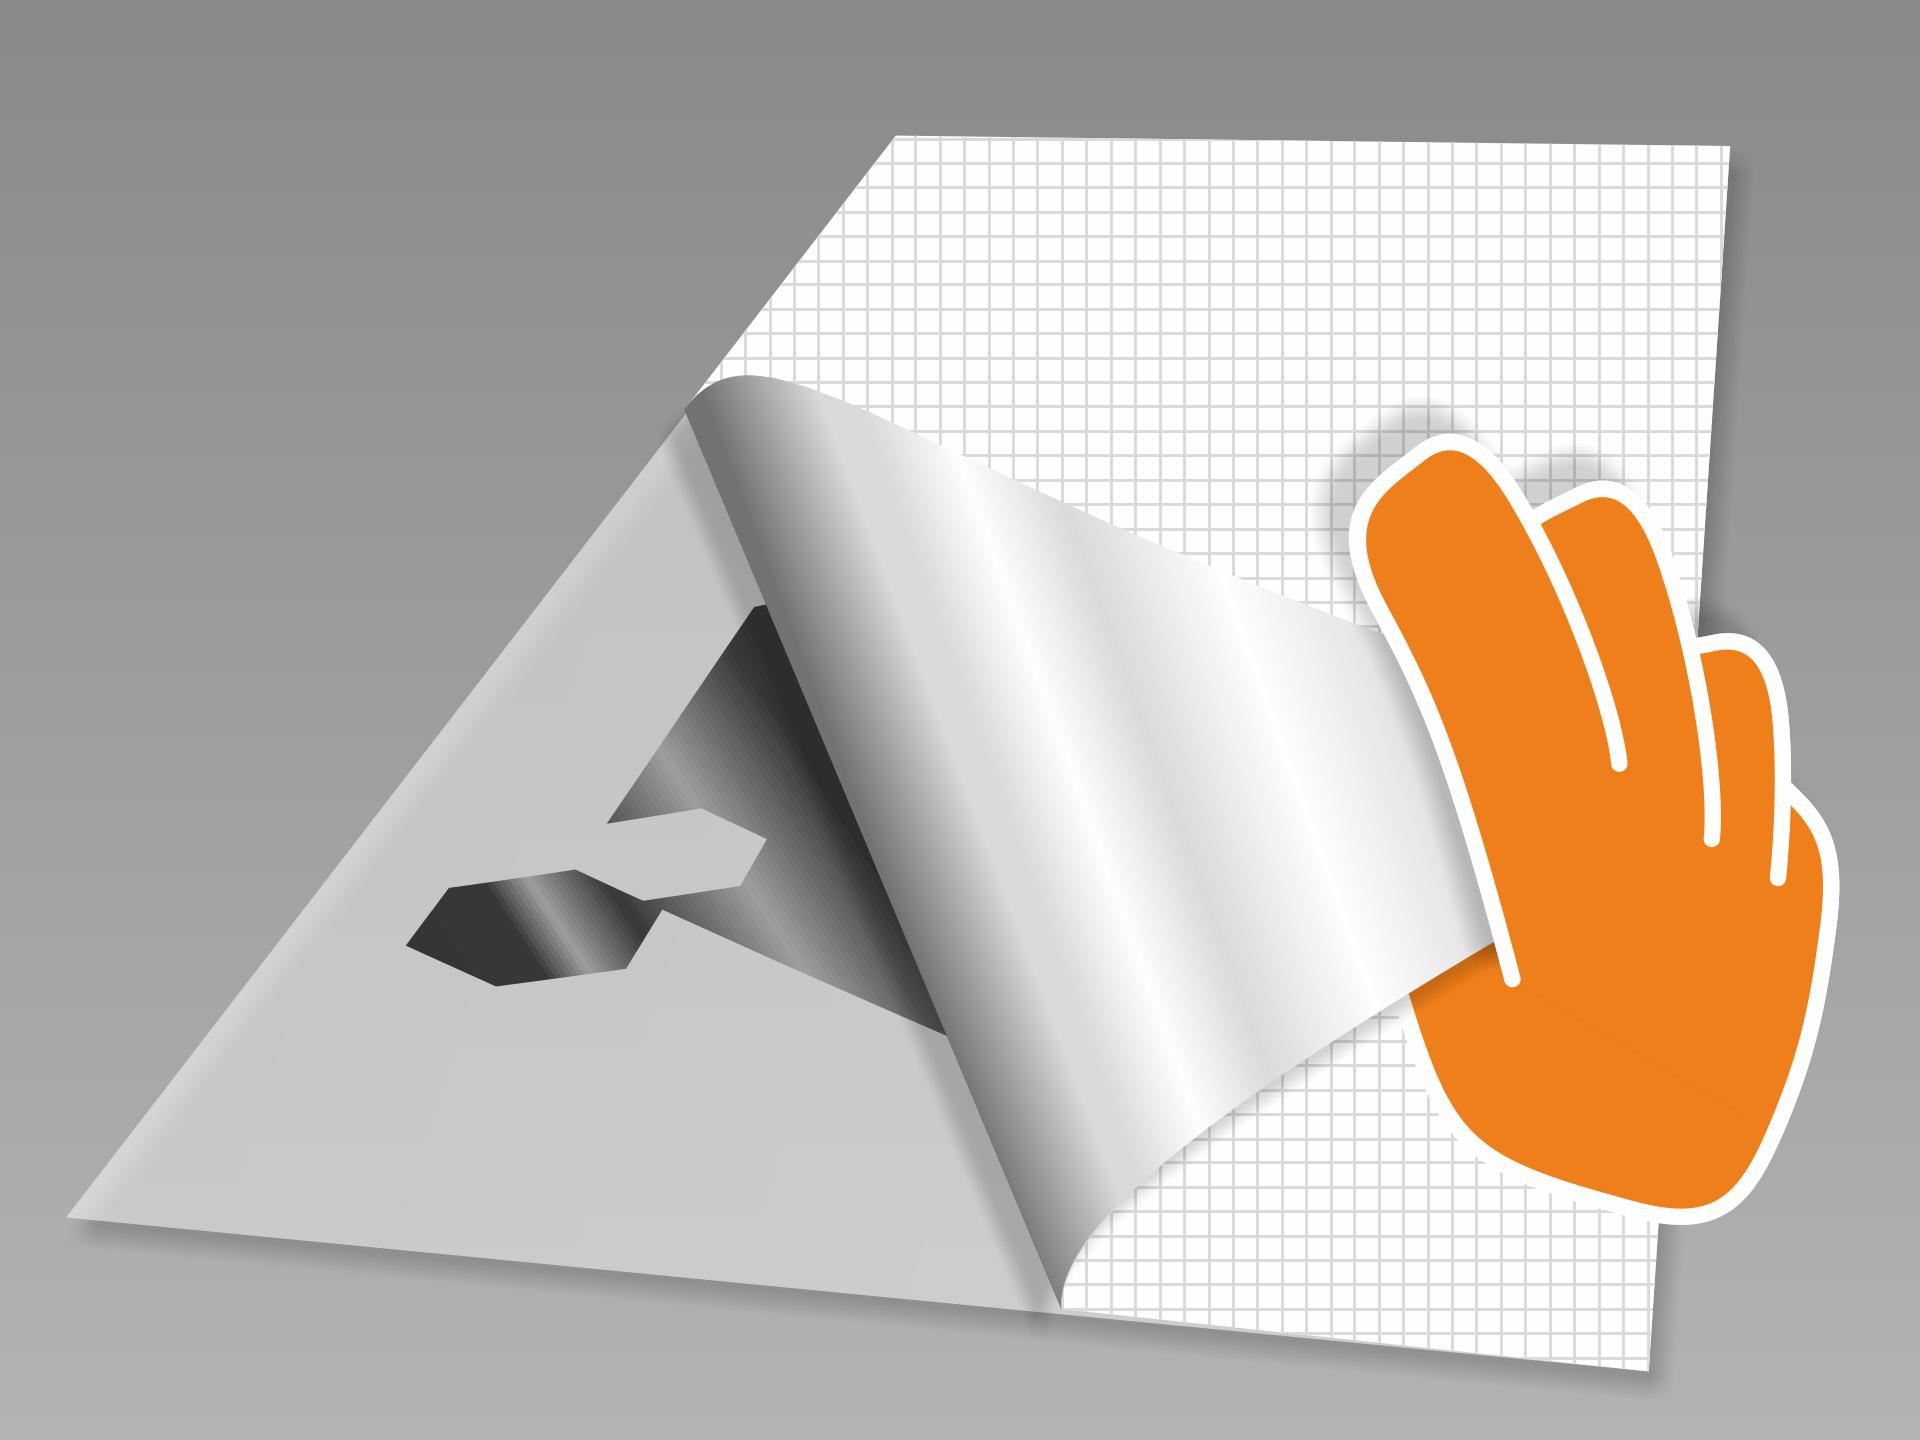 Tafelfolie abnehmen und mit dem Motiv nach unten auf einen glatten Untergrund legen. Nun das rückseitige Trägerpapier in flachem Winkel vorsichtig komplett abziehen.